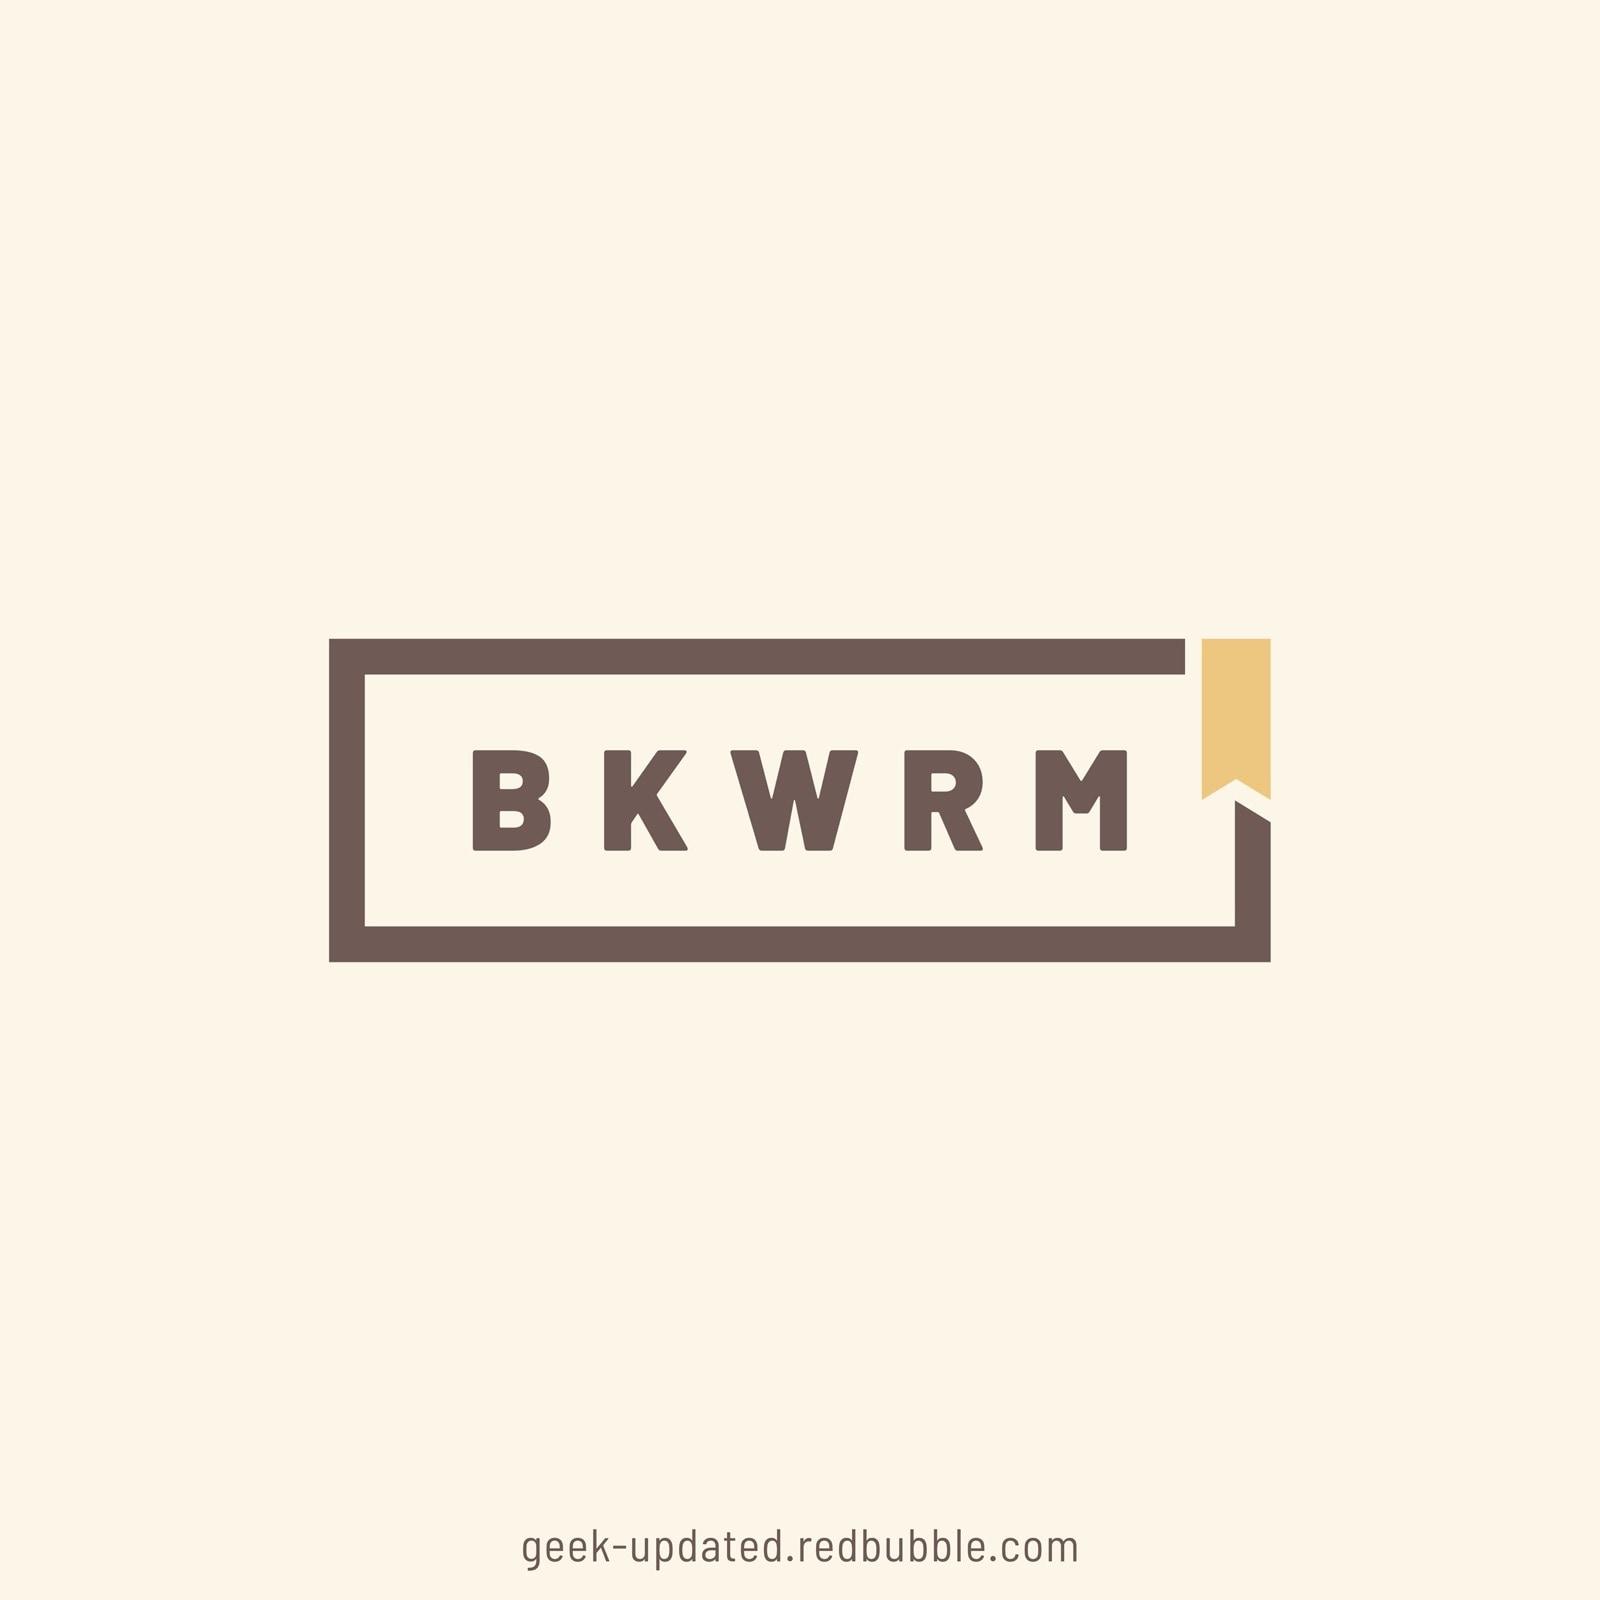 BKWRM - bookworm - design by Piotr Kowalczyk